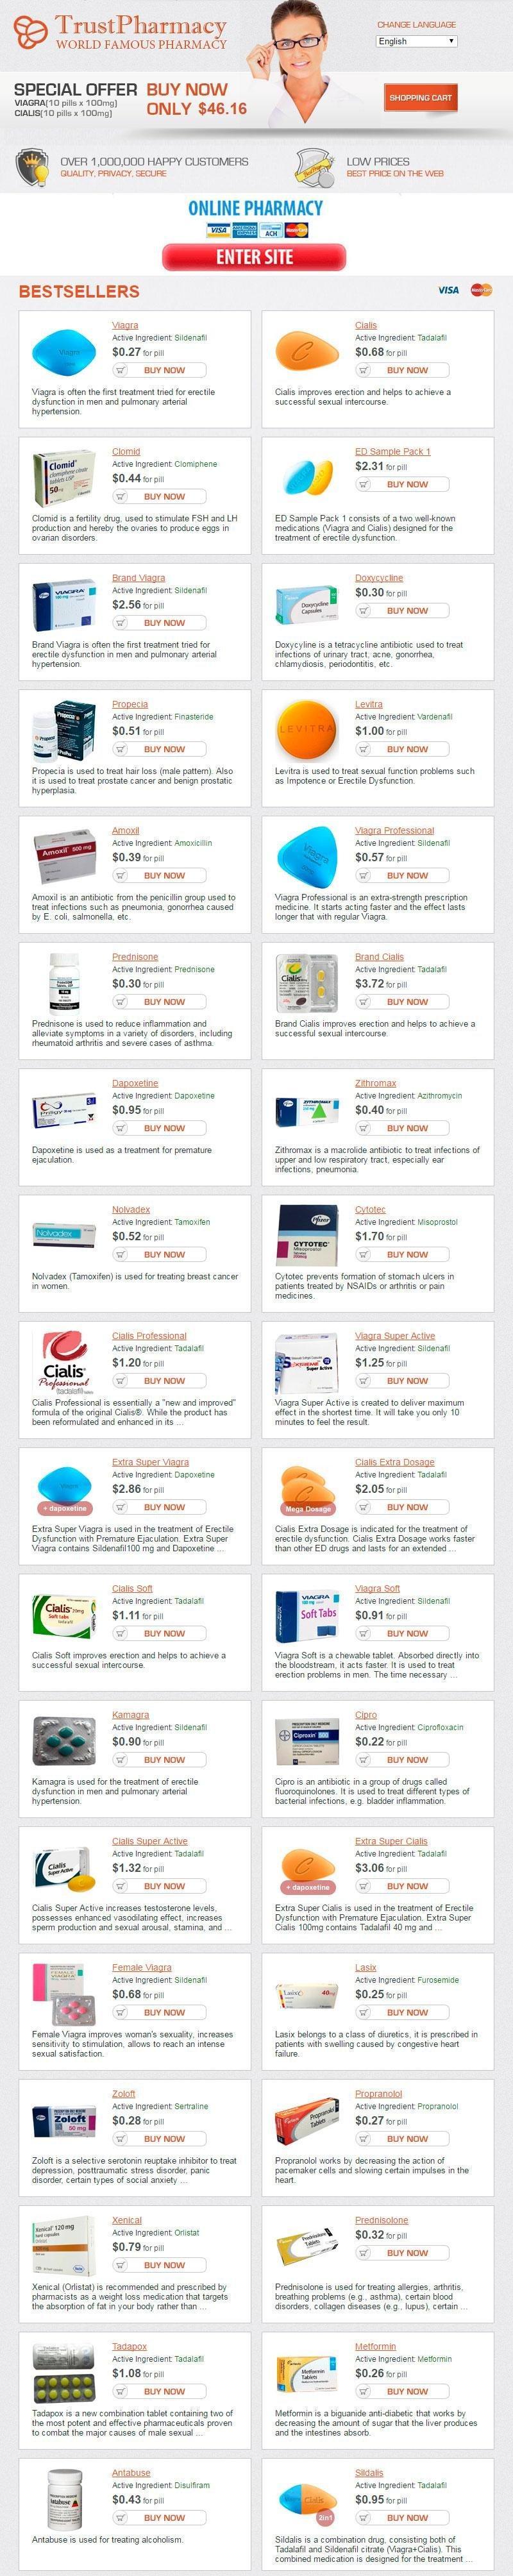 Cialis tablets sale